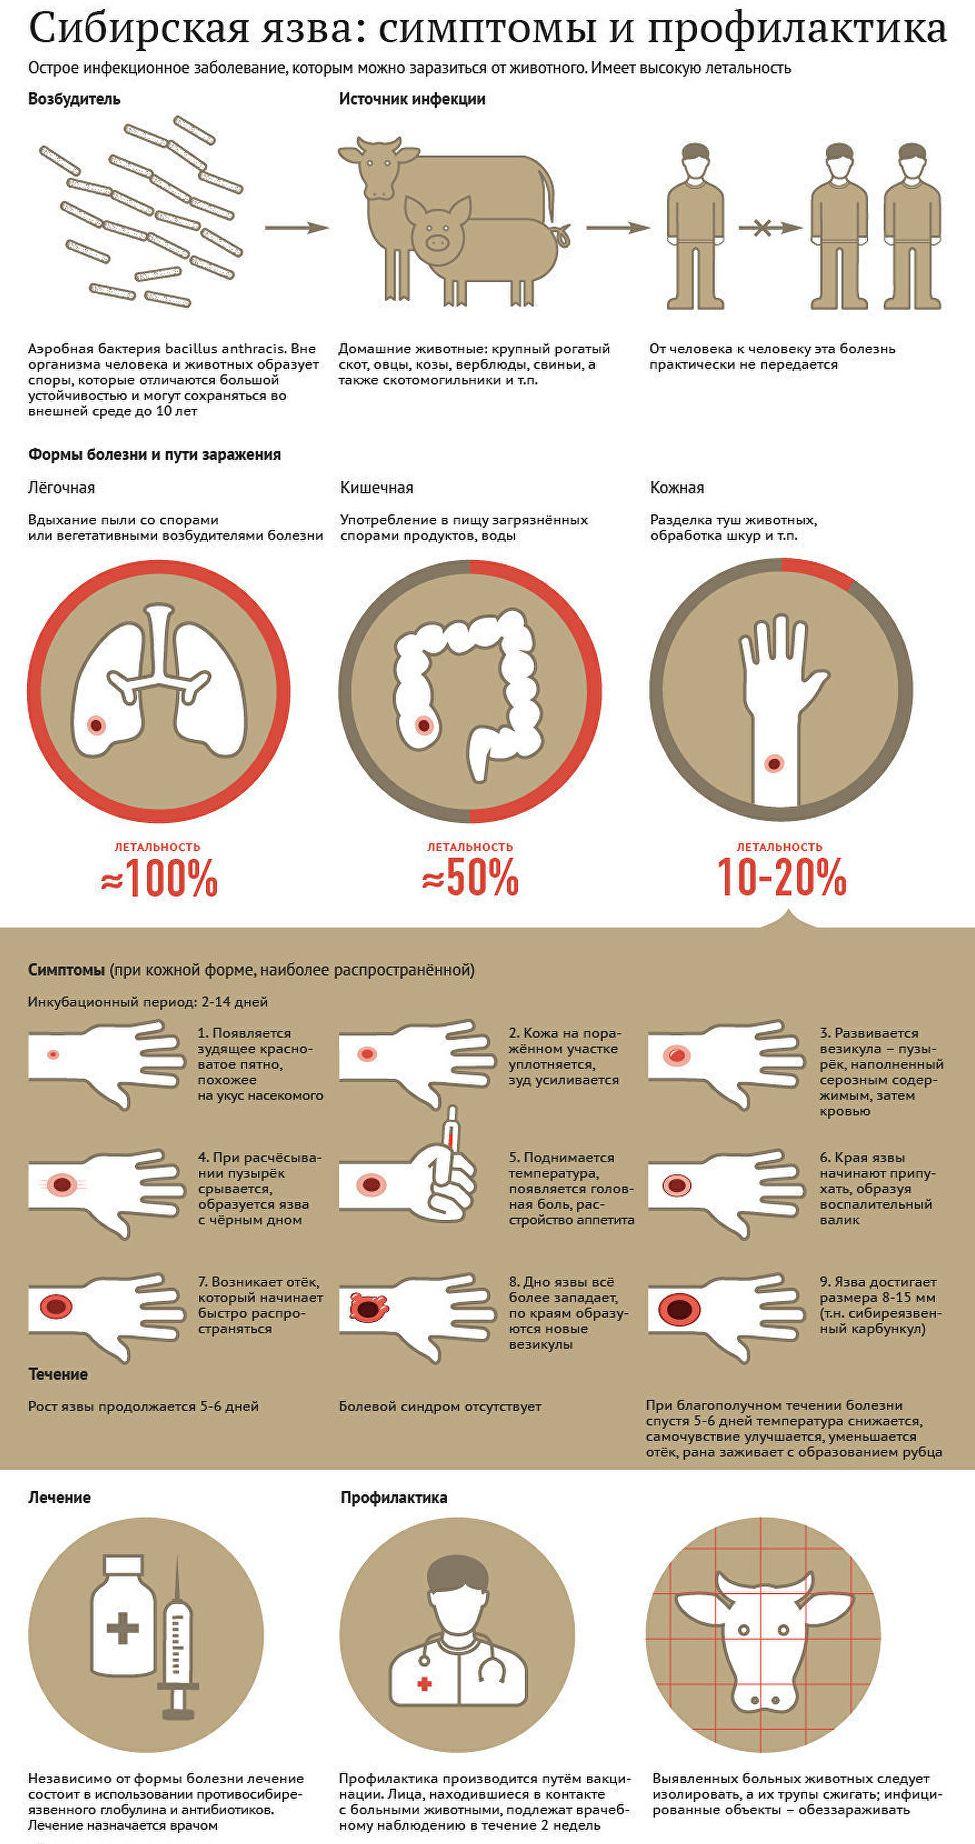 Диагностика сибирской язвы у человека